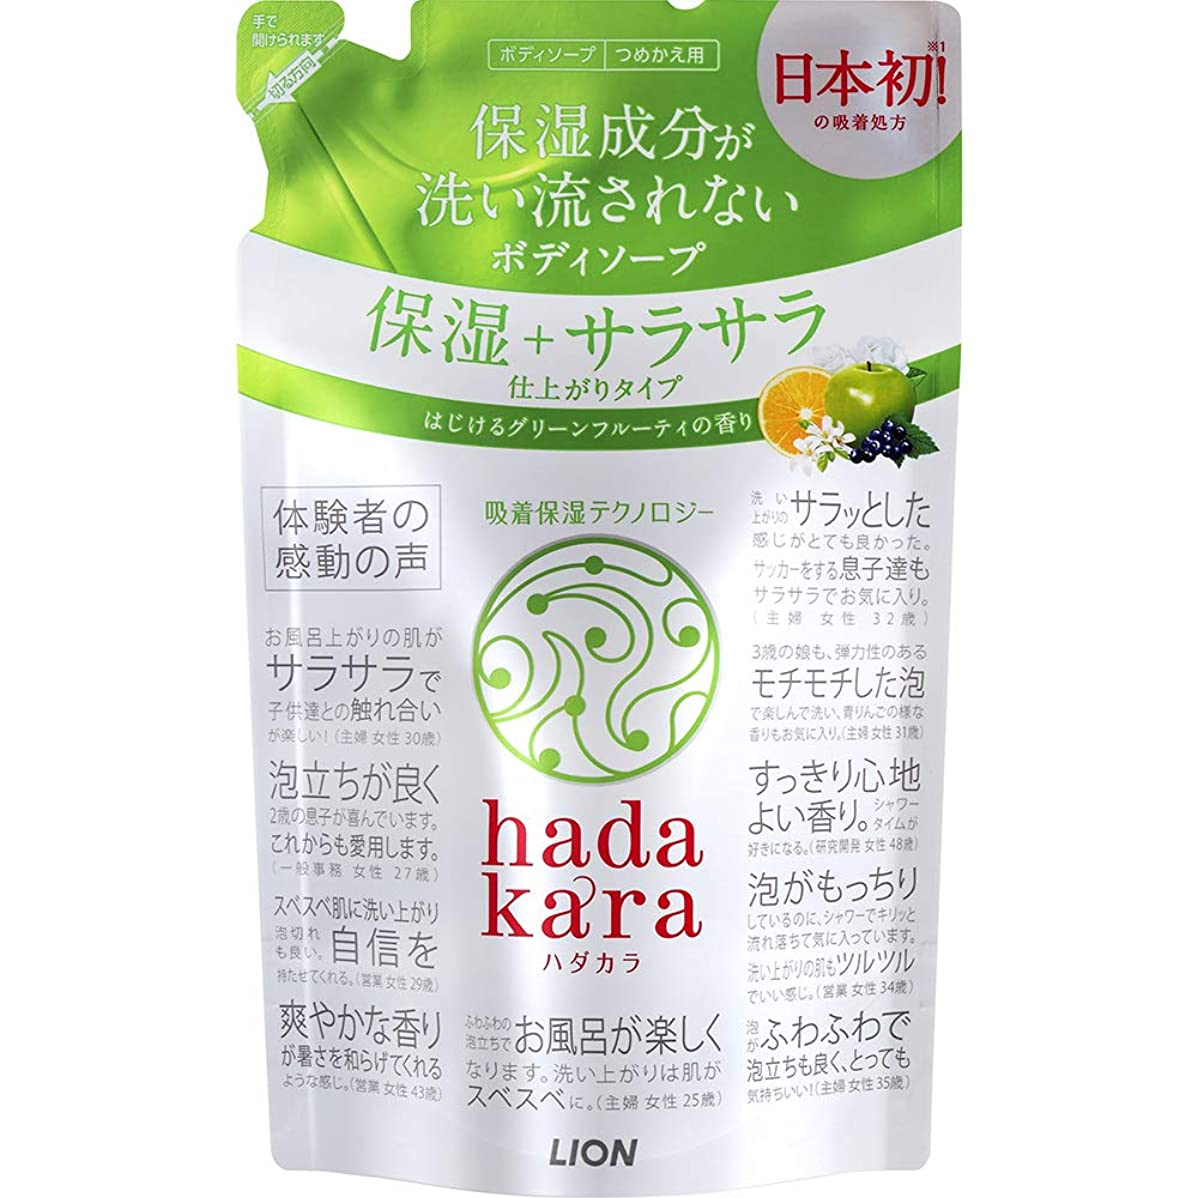 置くためにパック貨物発生するhadakara(ハダカラ) ボディソープ 保湿+サラサラ仕上がりタイプ グリーンフルーティの香り 詰め替え 340ml